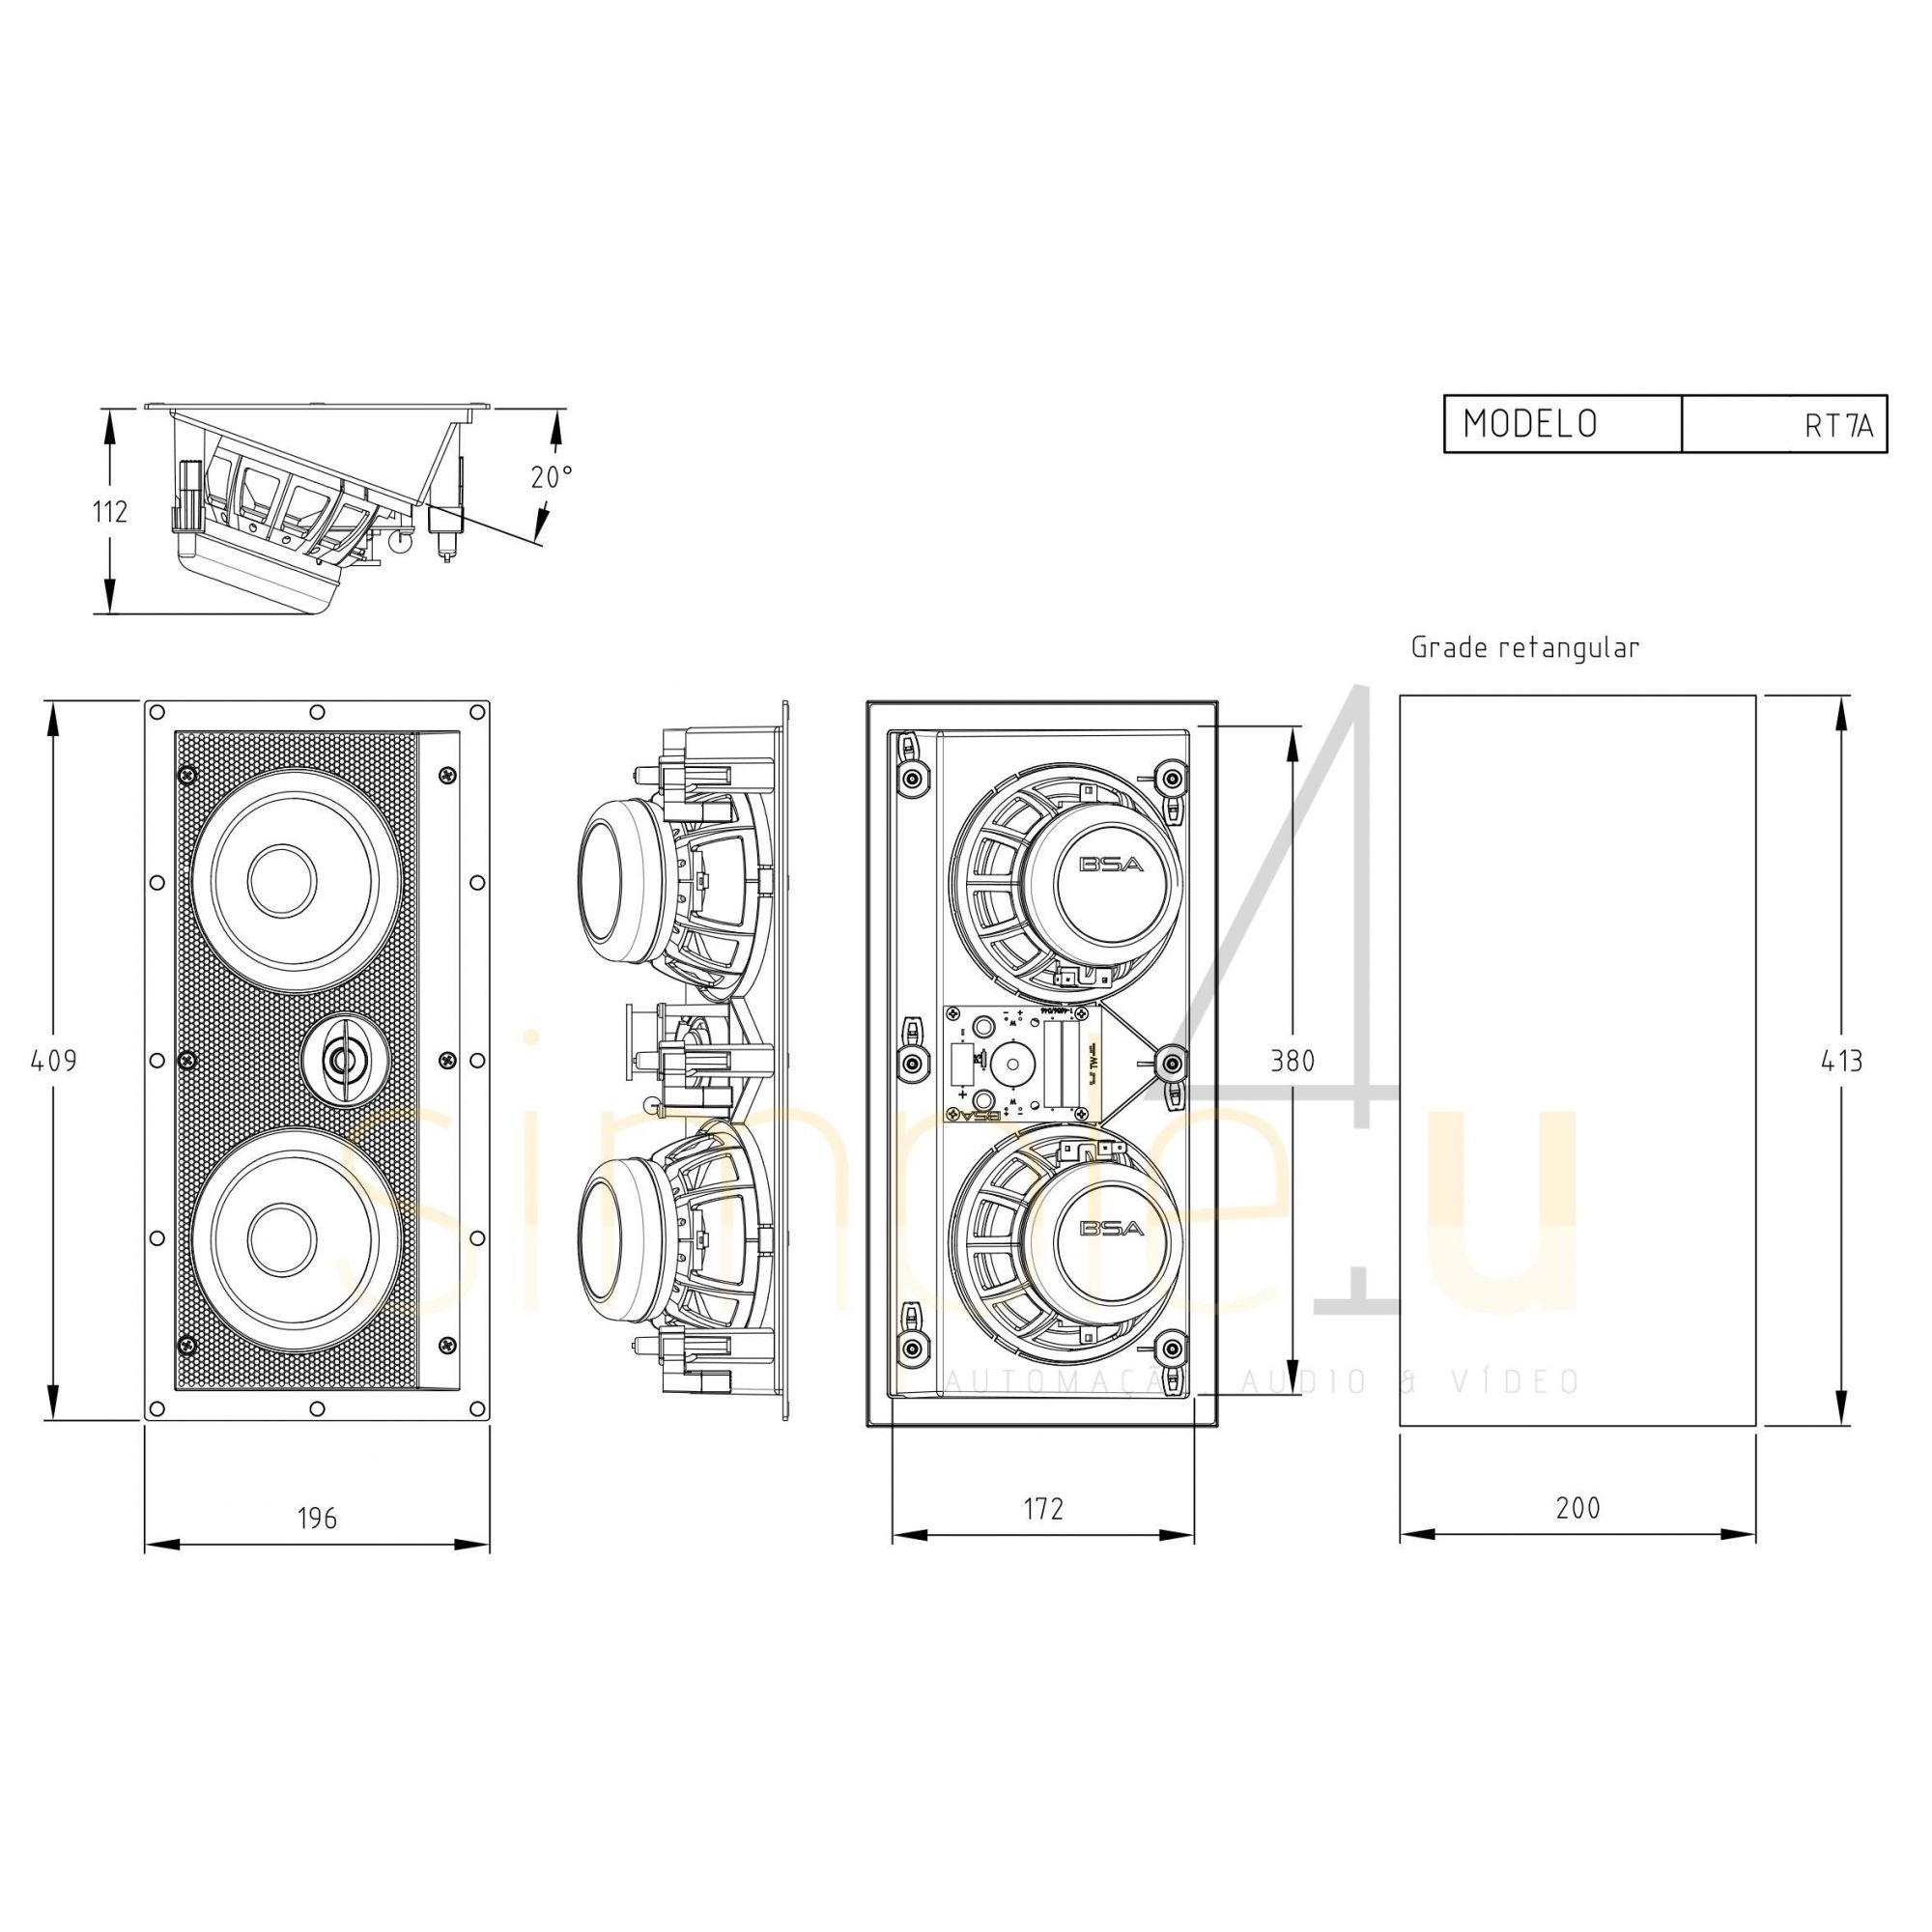 Kit 5.0 Caixa de Embutir no Gesso RT7A + RT7 BSA